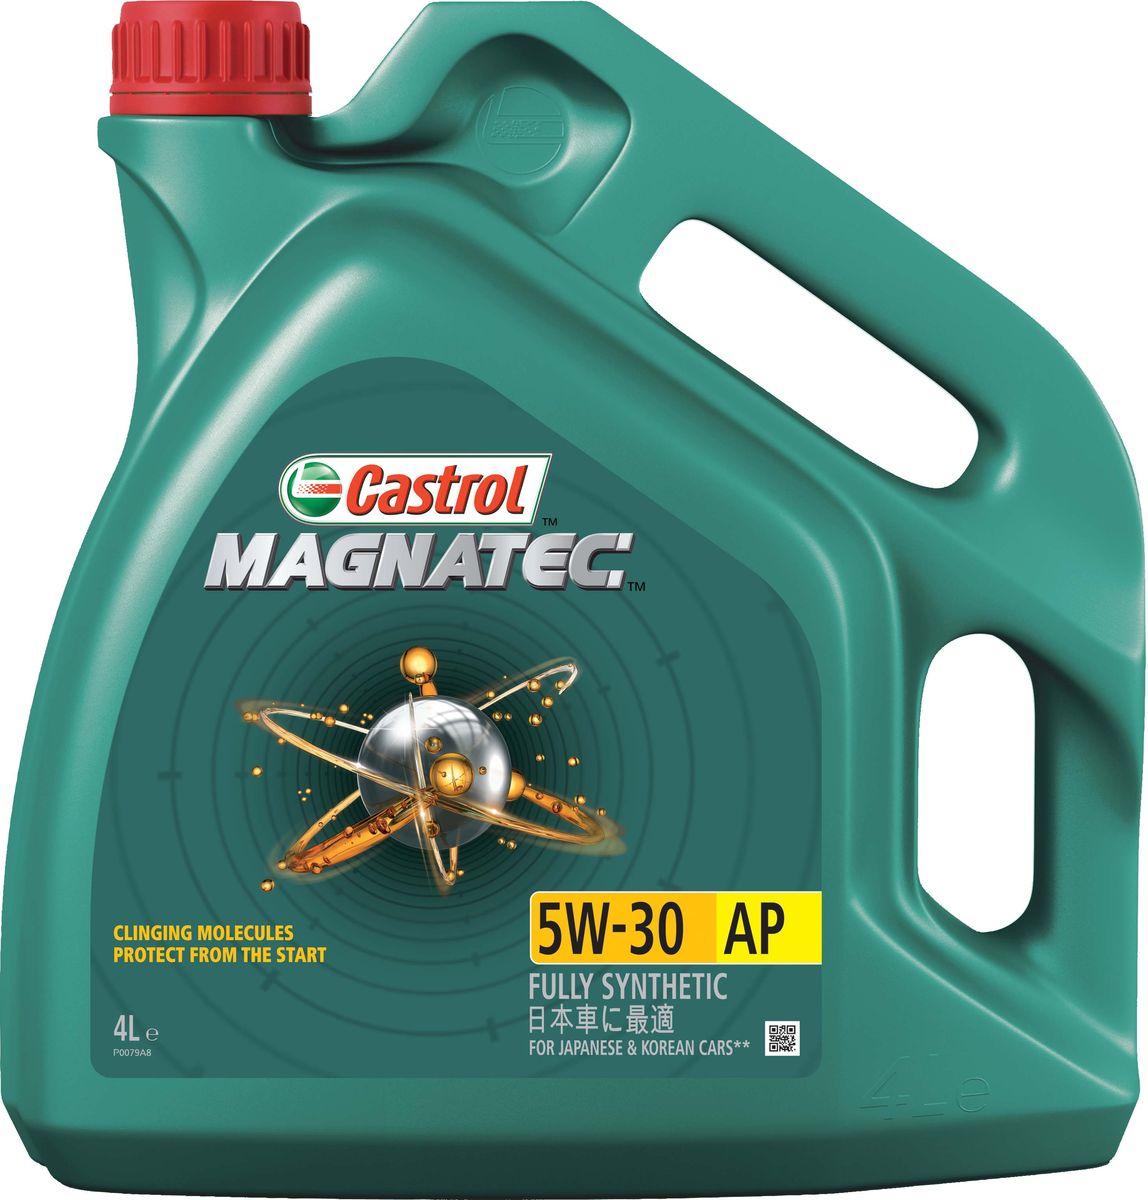 Масло моторное Castrol Magnatec, синтетическое, класс вязкости 5W-30, AP, 4 л155BA8До 75% износа двигателя происходит во время его пуска и прогрева. Когда двигатель выключен, обычное масло стекает в поддон картера, оставляя важнейшие детали двигателя незащищенными. Молекулы Castrol Magnatec подобно магниту притягиваются к деталям двигателя и образуют сверхпрочную масляную пленку, обеспечивающую дополнительную защиту двигателя в период пуска, когда риск возникновения износа существенно возрастает. Всесезонное полностью синтетическое моторное масло Castrol Magnatec разработано специально для двигателей японских и корейских автопроизводителей.Моторное масло Castrol Magnatec подходит для применения в бензиновых двигателях, в которых производитель рекомендует использовать смазочные материалы соответствующие классу вязкости SAE 5W-30 и спецификациям API SN, ILSAC GF-5 или более ранним.Молекулы Castrol Magnatec Intelligent Molecules: - удерживаются на важнейших деталях двигателя, когда обычное масло стекает в поддон картера;- притягиваются к деталям двигателя, образуя устойчивый защитный слой, сохраняющийся с первой секунды работы двигателя вплоть до следующего пуска;- сцепляются с металлическими поверхностями деталей двигателя, делая их более устойчивыми к изнашиванию;- в сочетании с синтетической технологией обеспечивают повышенную защиту при высоко- и низкотемпературных режимах работы двигателя;- обеспечивают постоянную защиту в любых условиях эксплуатации, при различных стилях вождения и в широком диапазоне температур.Castrol Magnatec проявляет отличные эксплуатационные характеристики в экстремальных условиях холодного пуска.Спецификации.API SN,ILSAC GF-5.Товар сертифицирован.